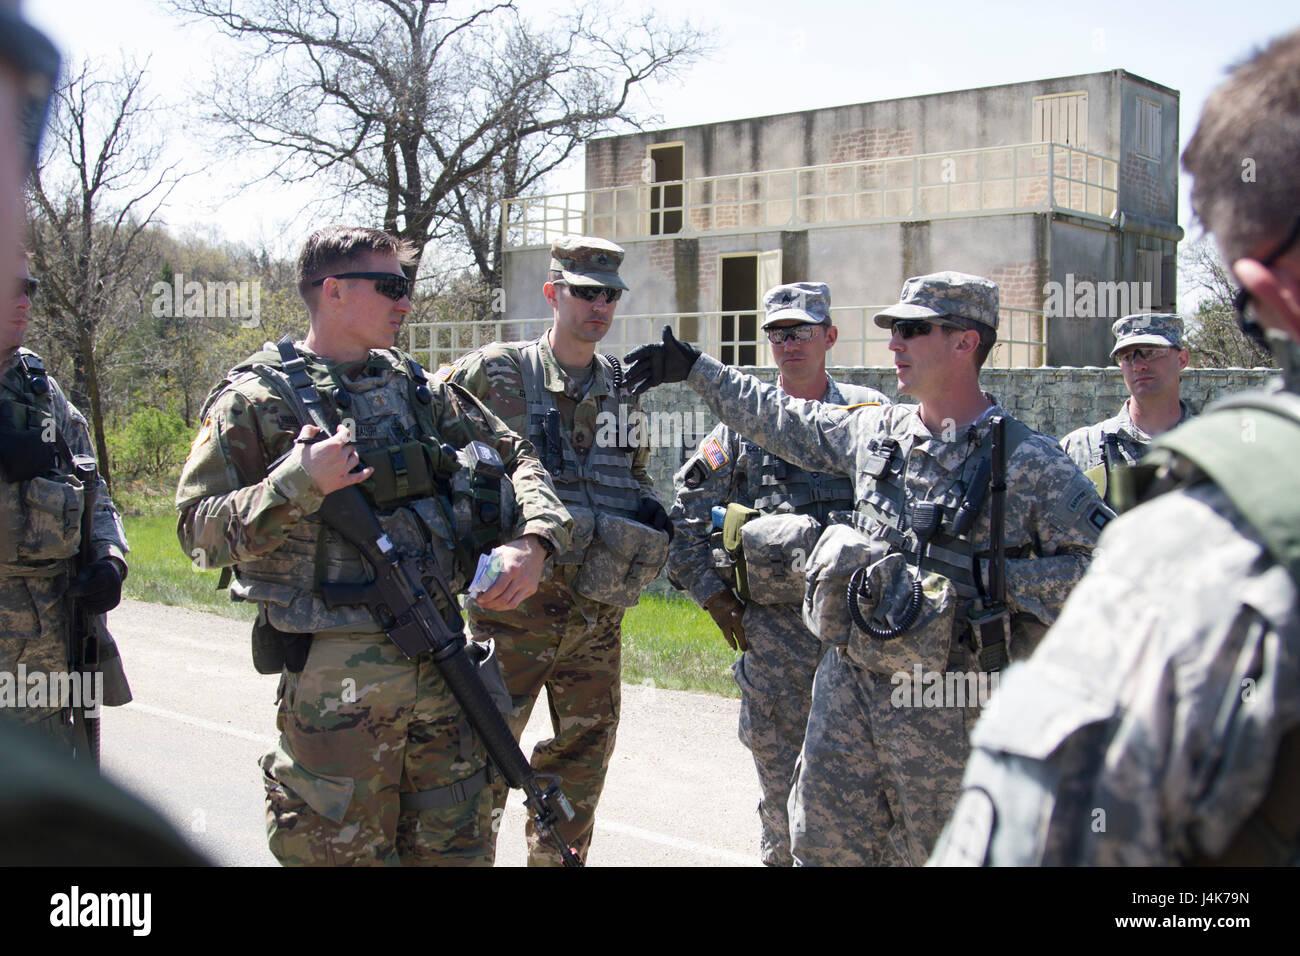 Sgt 1st Class Mccoy Company Stockfotos & Sgt 1st Class Mccoy Company ...